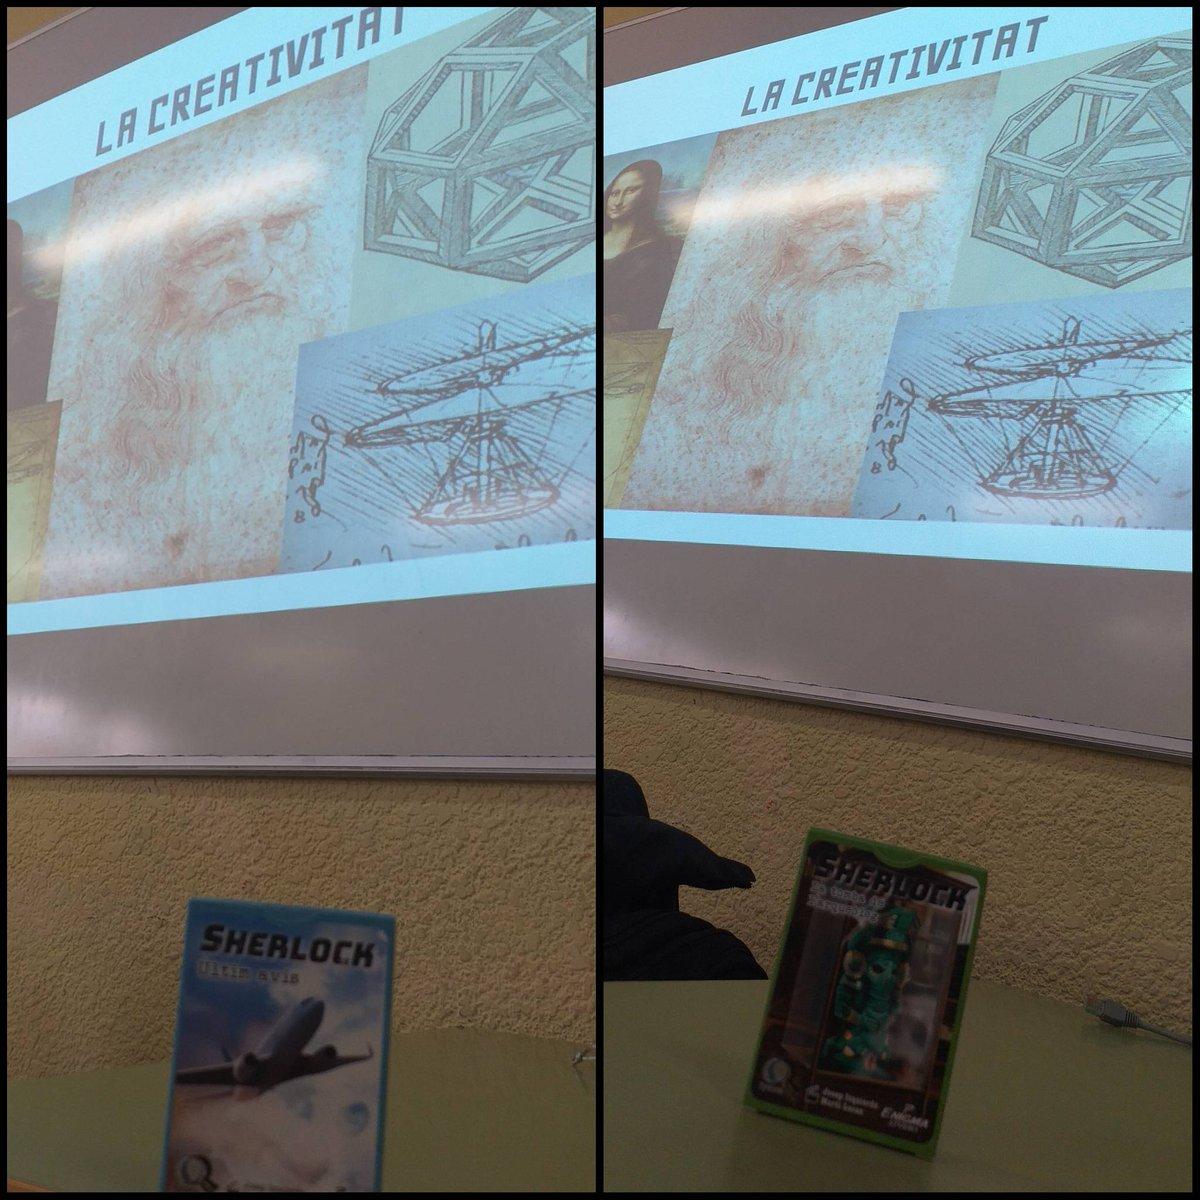 Dando talleres sobre Creatividad a alumnos de secundaria con la ayuda de los juegos Sherlock. #juegosdemesa #jocsdetaula #jocs #boardgames #brettspiele #jeuxdesocietepic.twitter.com/xP8bCKpUkm